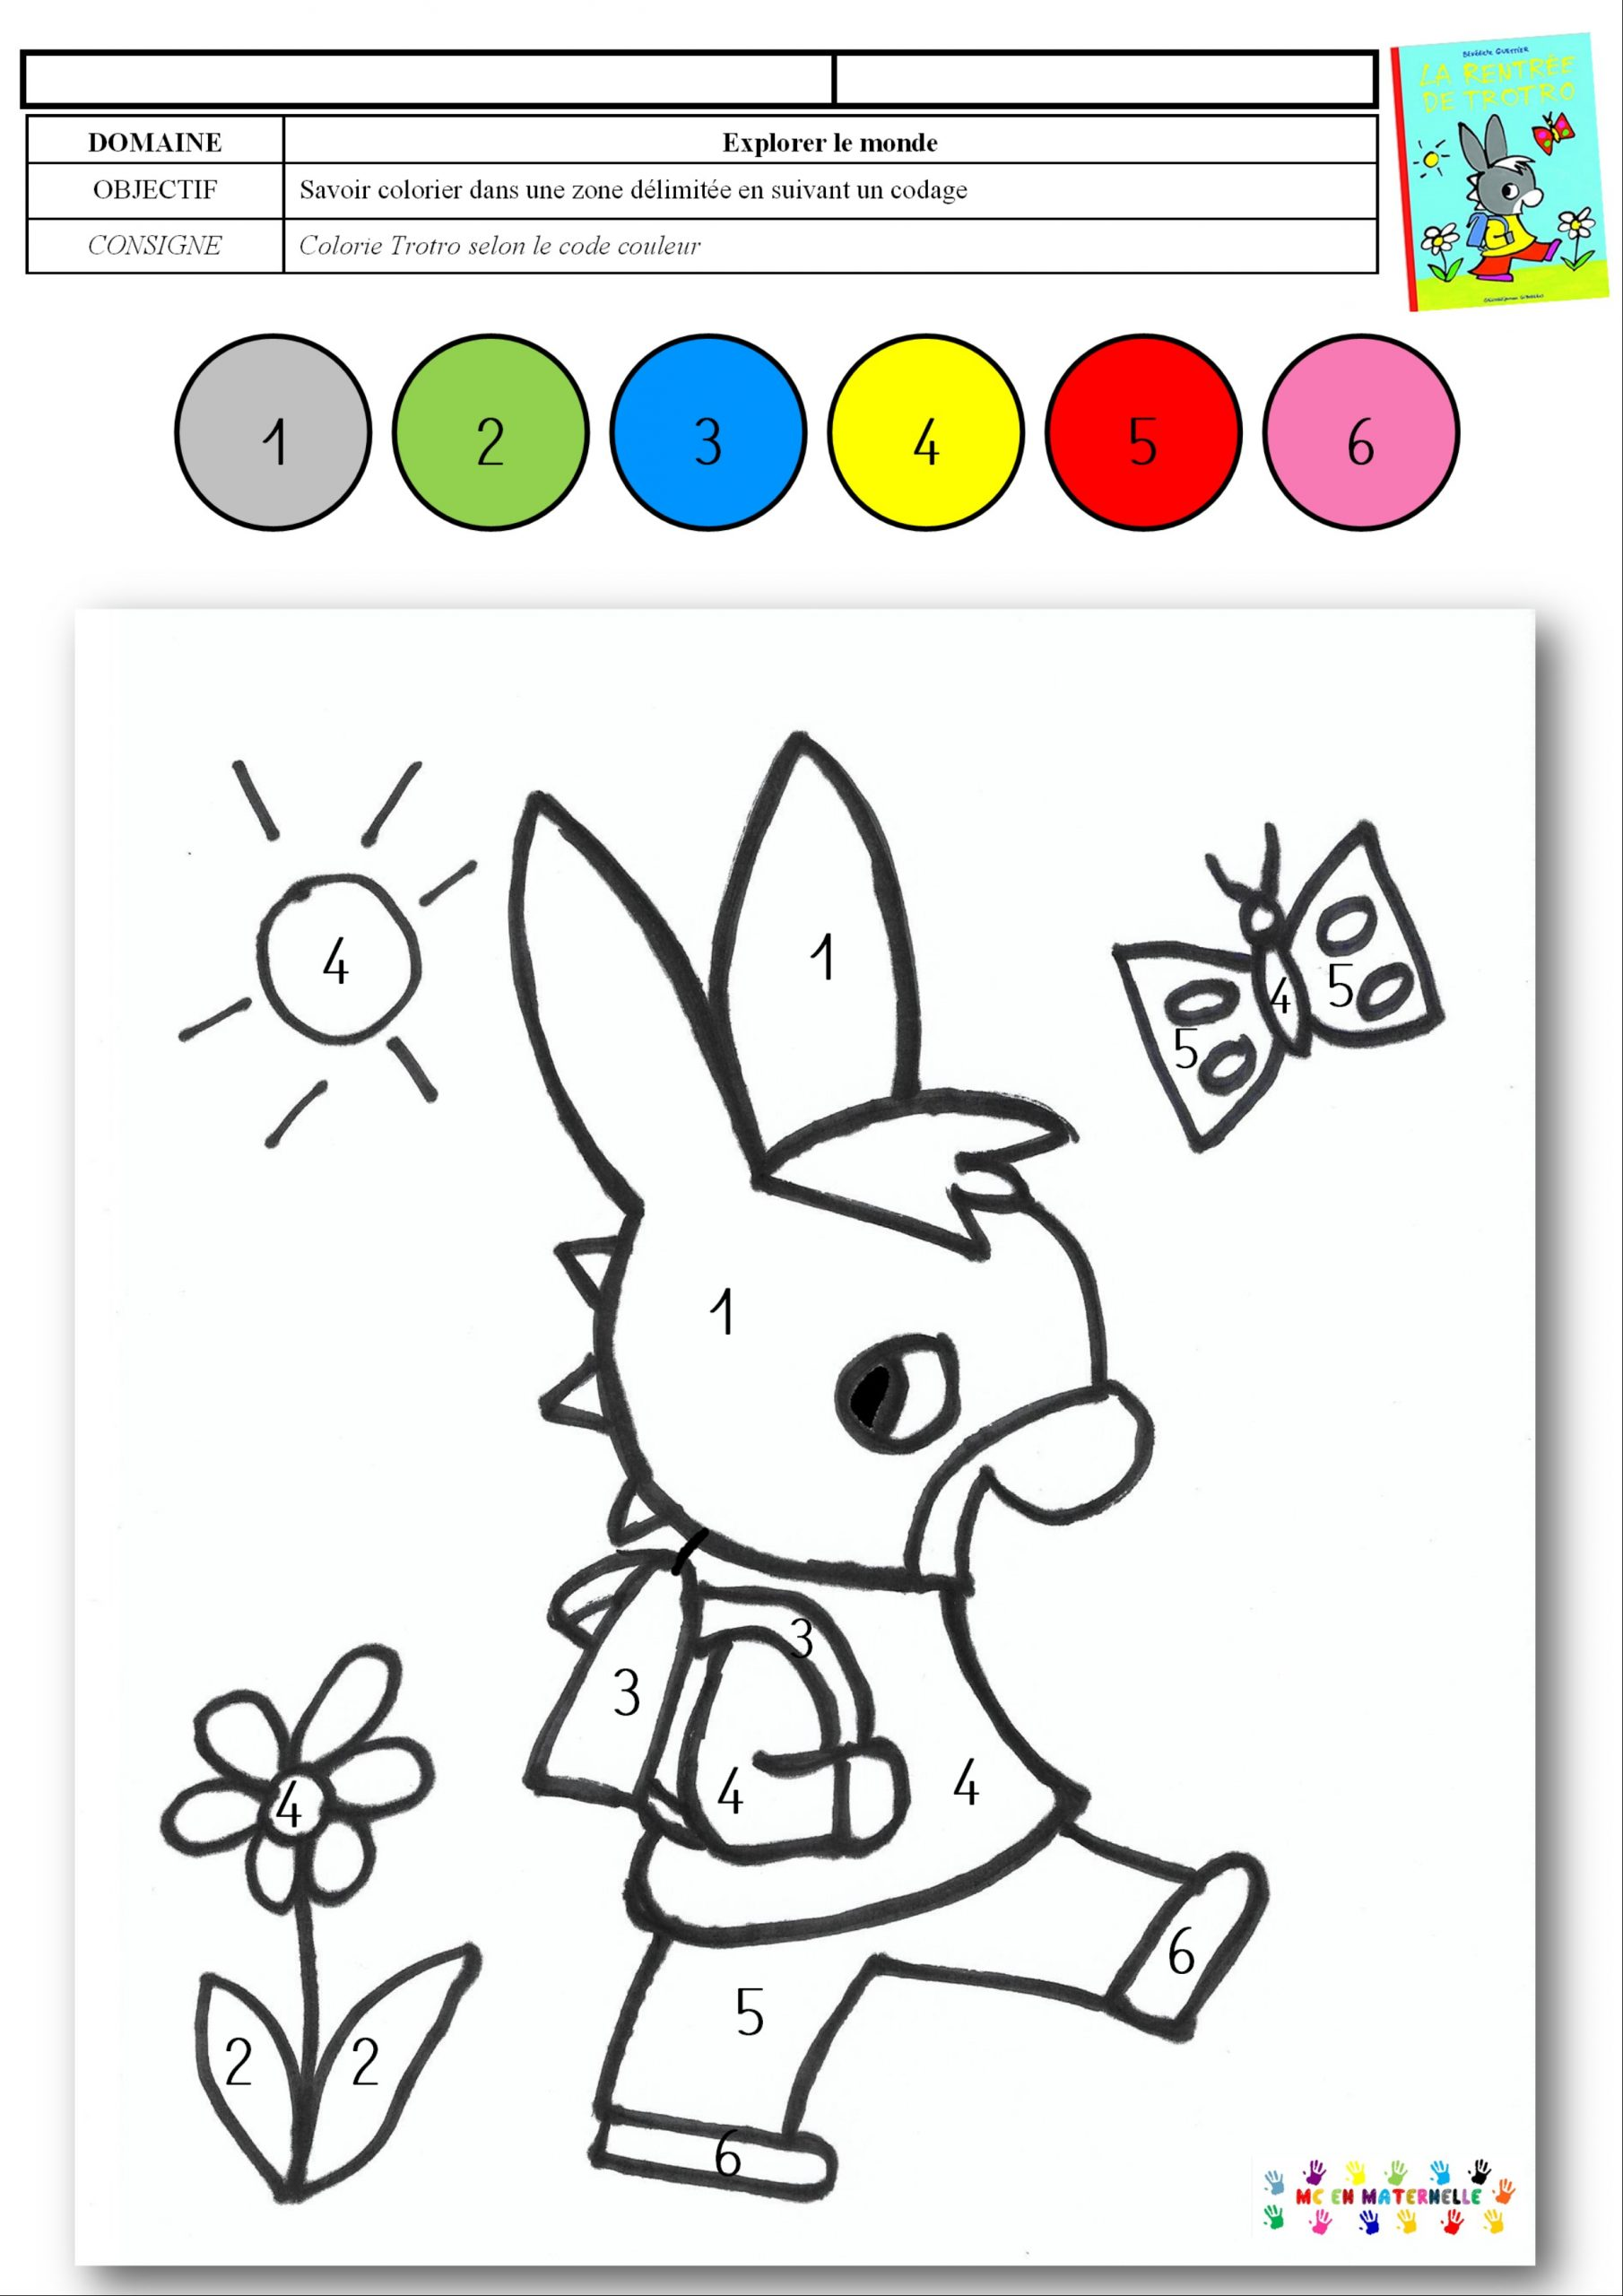 La Rentrée De Trotro : Coloriage Magique – Mc En Maternelle avec Coloriage Numéroté Maternelle